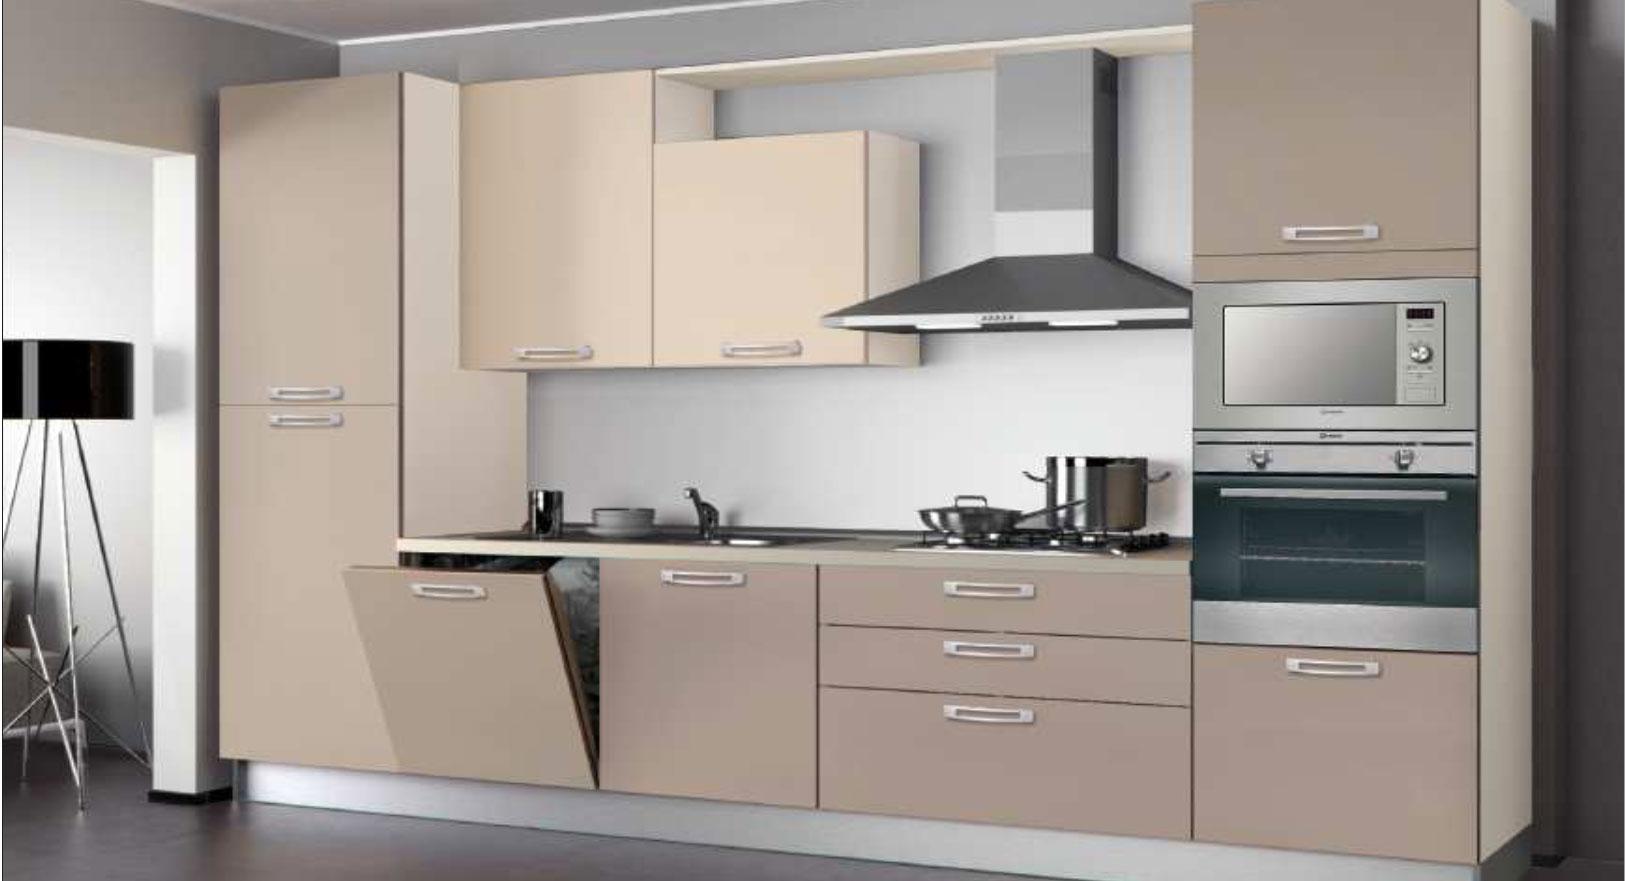 Promozione cucine creo scegli le composizioni standard - Cucina 4 metri lineari prezzi ...